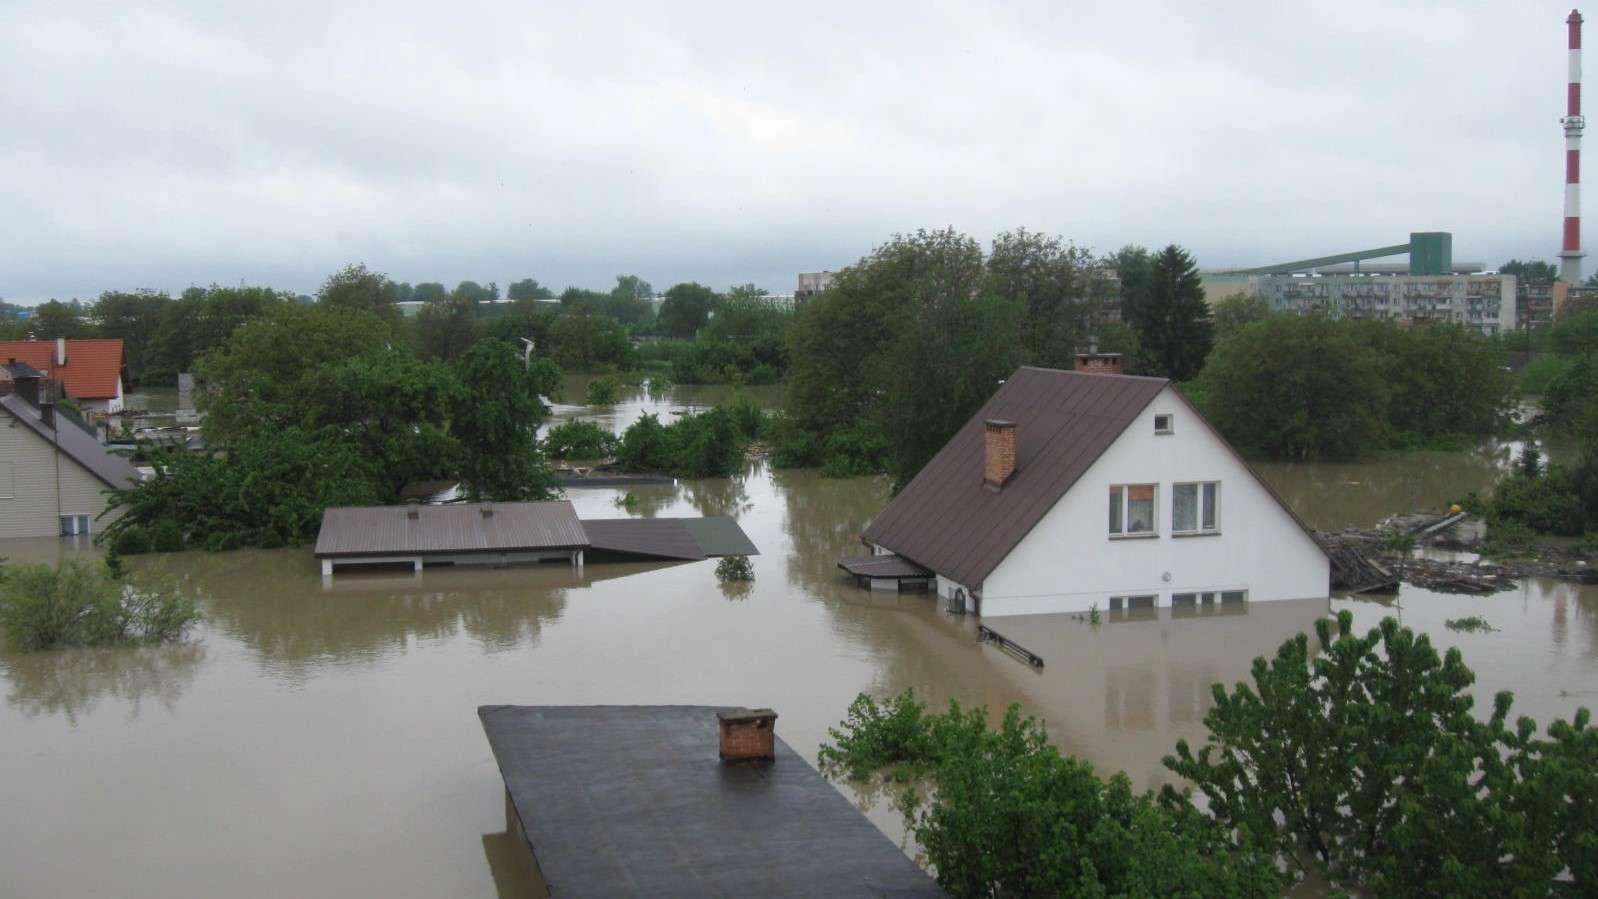 árvíz a Sandomierz folytatásban - Nagy árvíz a Sandomierz folytatásában (10×10)